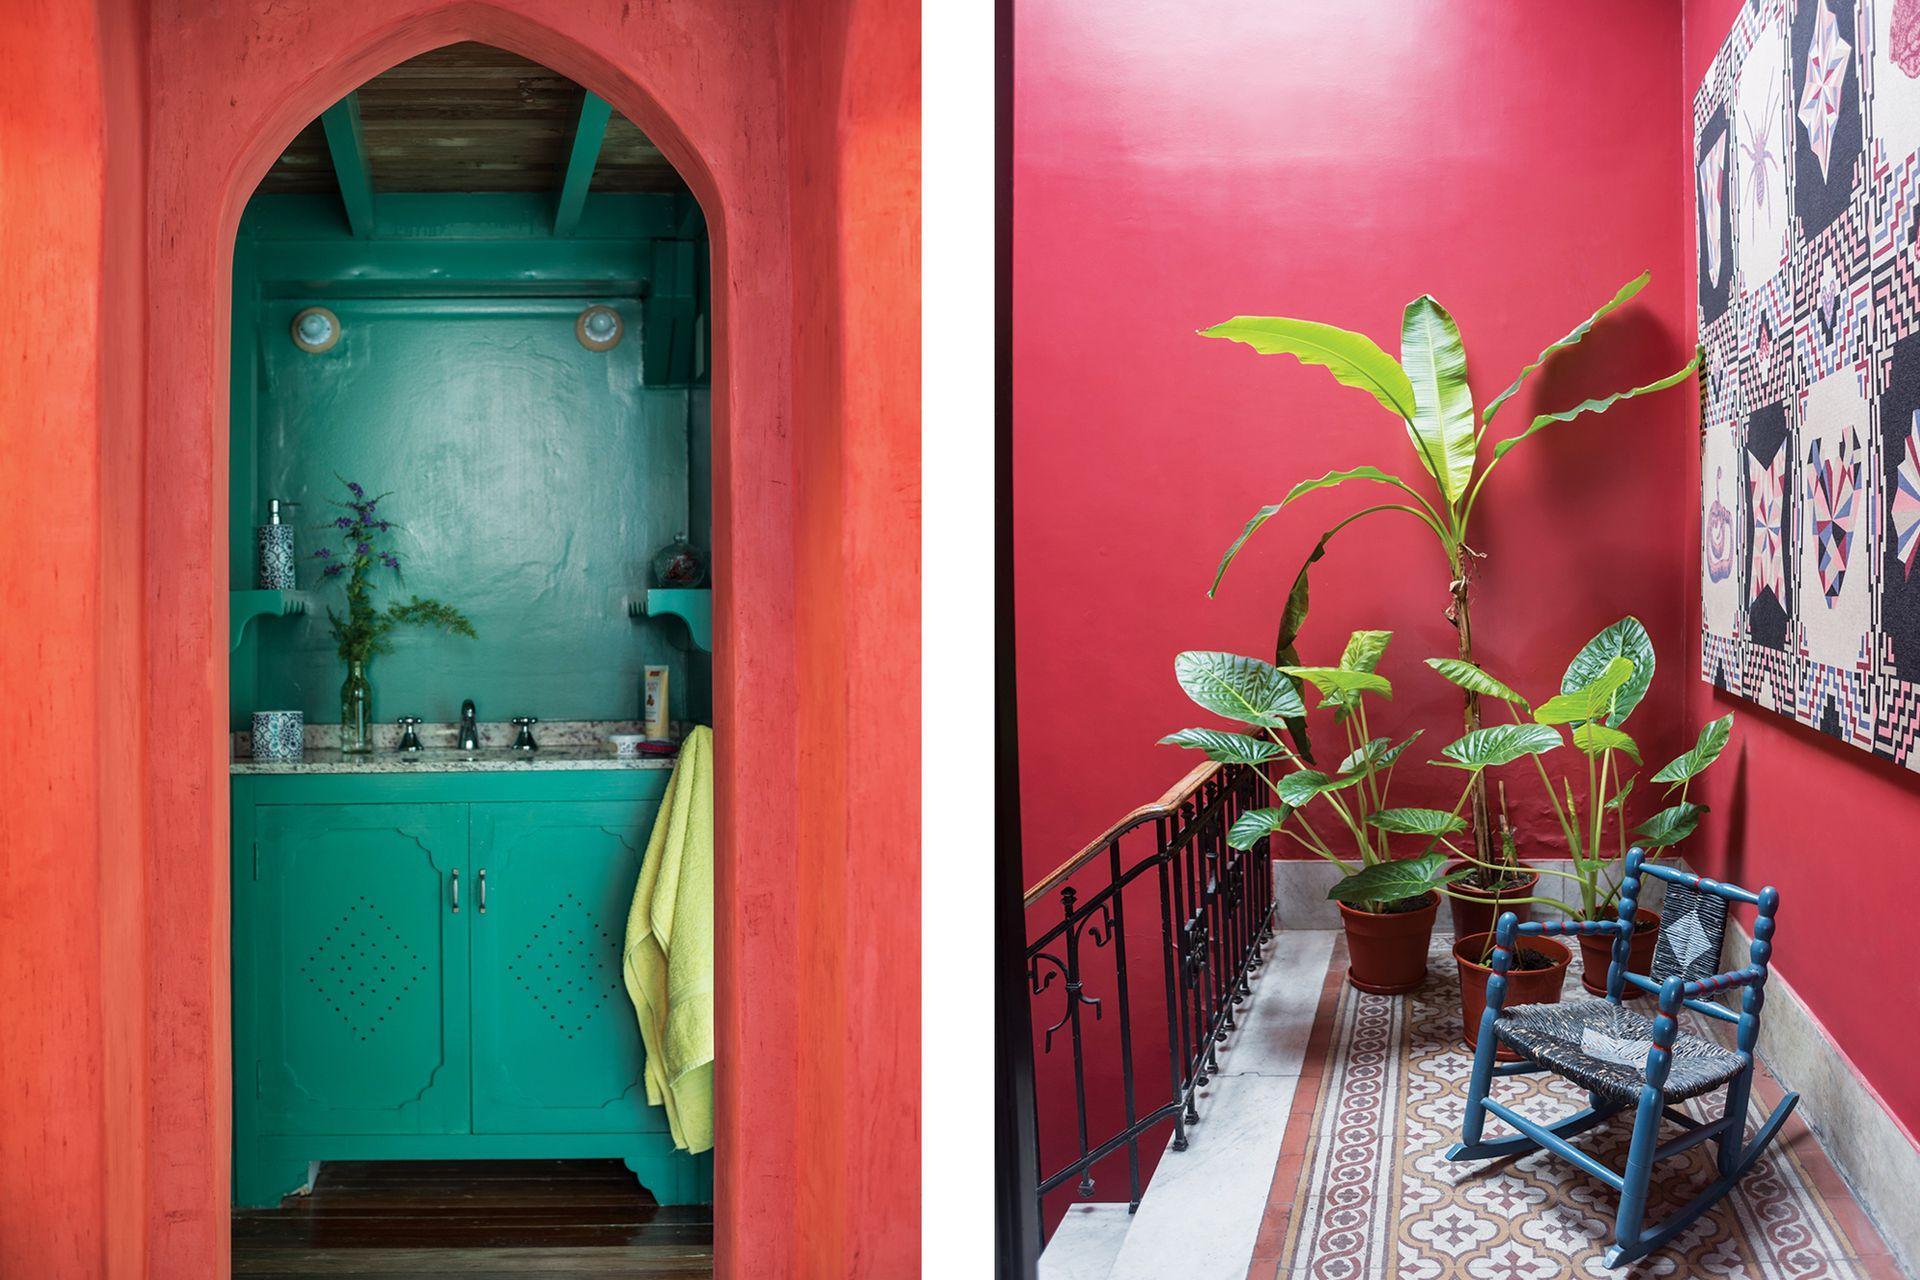 Rosa hizo la arcada del toilette en punta con los albañiles, dibujándola en cartón, y luego pintó la pared con yeso al que le aplicó pigmento.